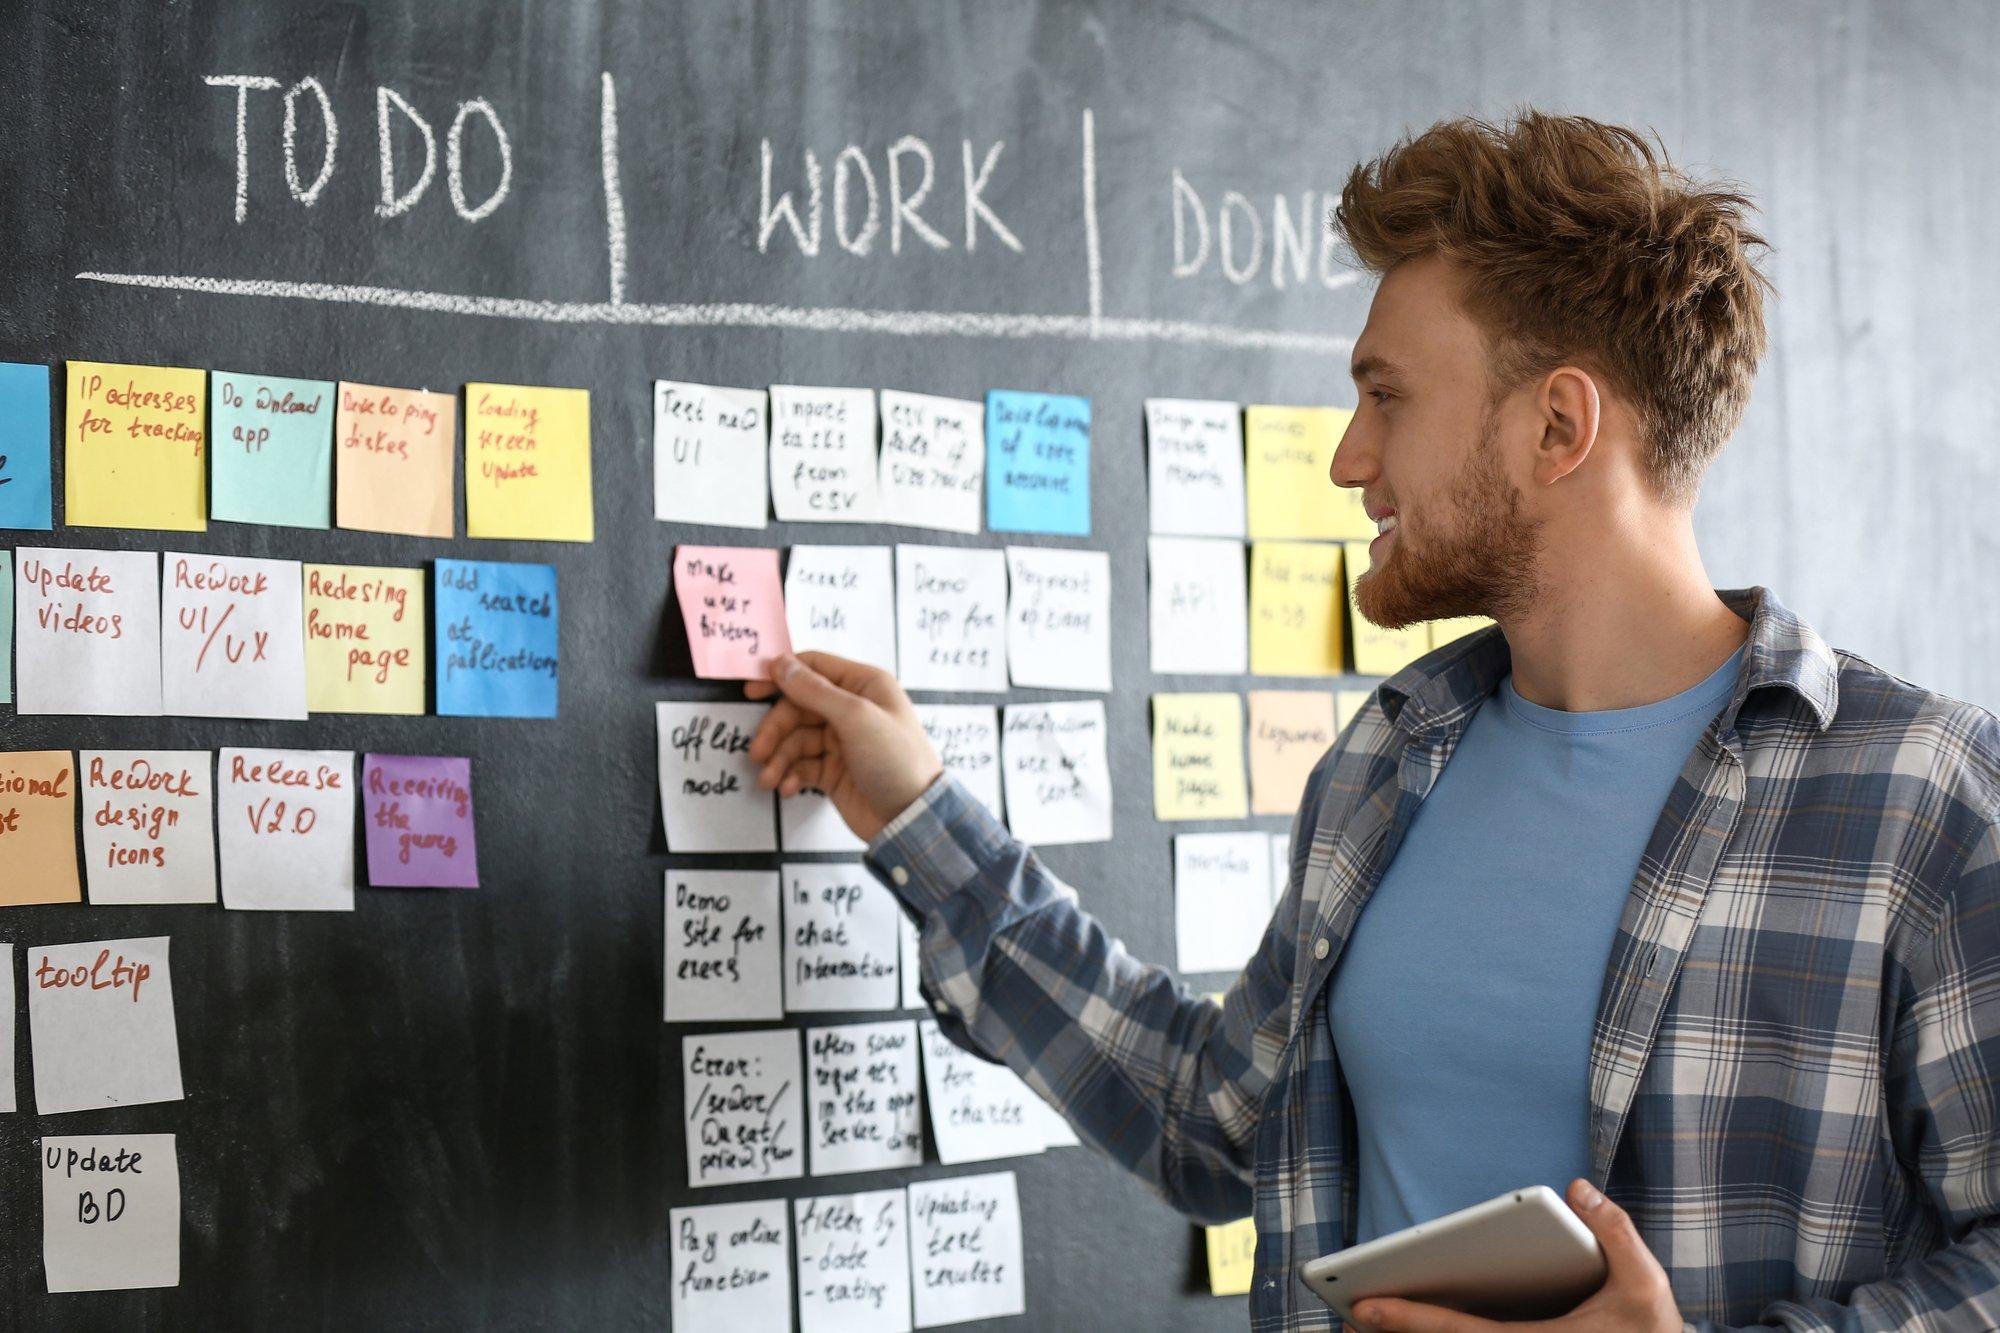 Les 5 tâches principales du Product Owner